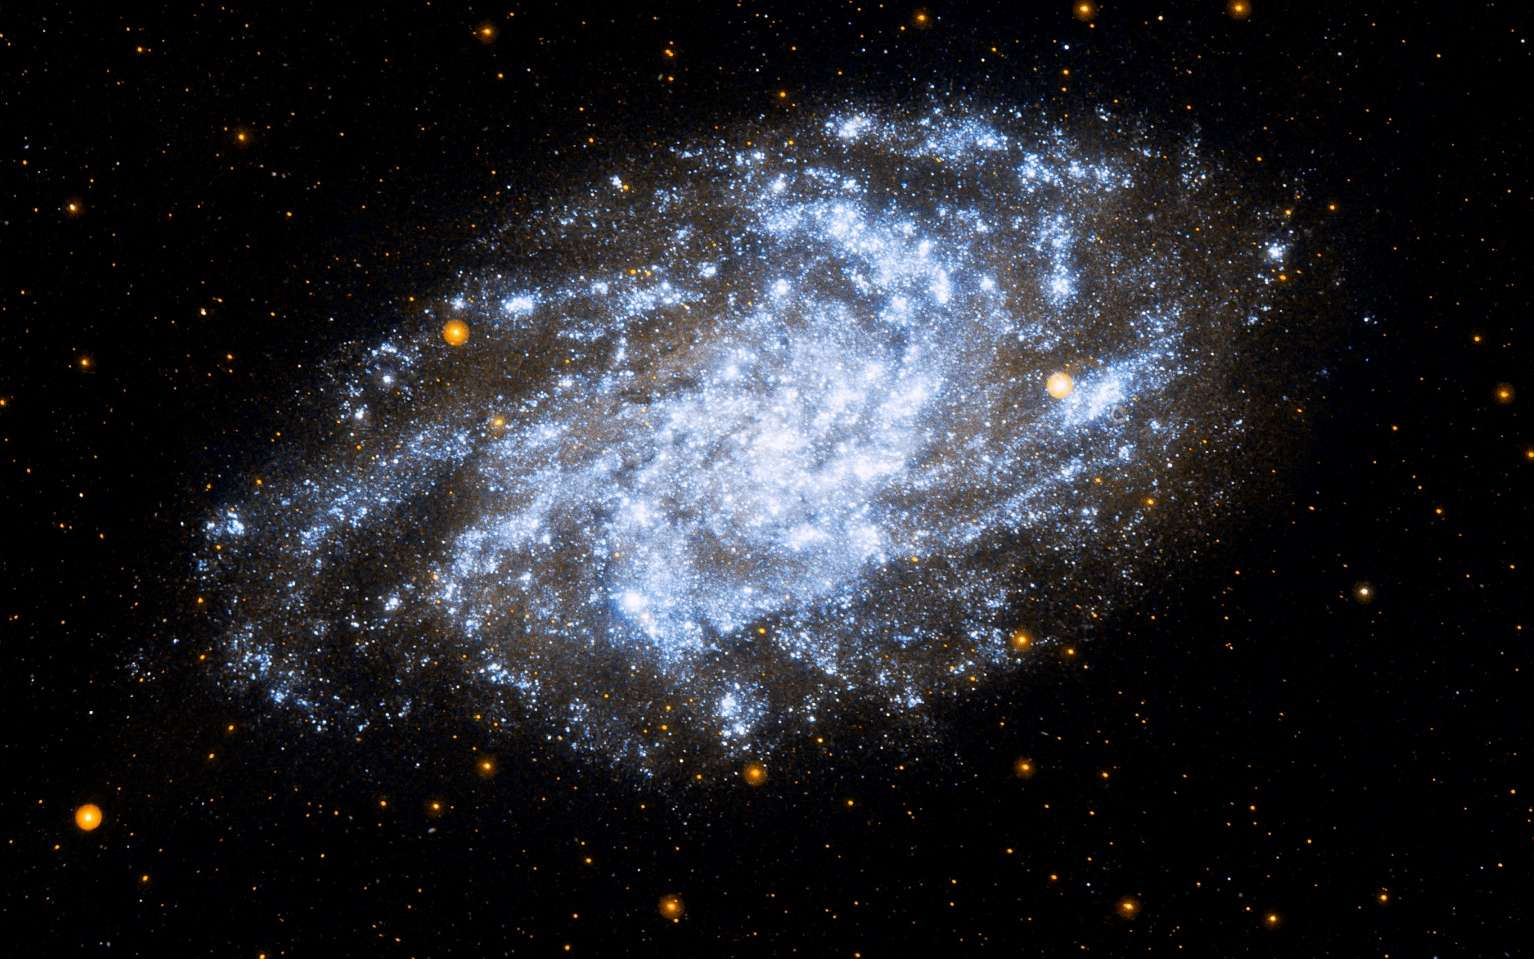 L'énigme de la matière noire et des galaxies naines est-elle enfin résolue ? Ici, la galaxie du Triangle, également appelée M33, est une galaxie située dans la constellation du Triangle. Elle est sans doute satellite de la galaxie d'Andromède ; sa distance à la Voie lactée est assez mal connue, de l'ordre de 2 à 3 millions d'années-lumière. Sa masse est évaluée à 60 milliards de masses solaires, dont près de 85 % serait sous forme de matière noire. On la voit ici observée dans l'ultraviolet par le satellite Galex. © Nasa